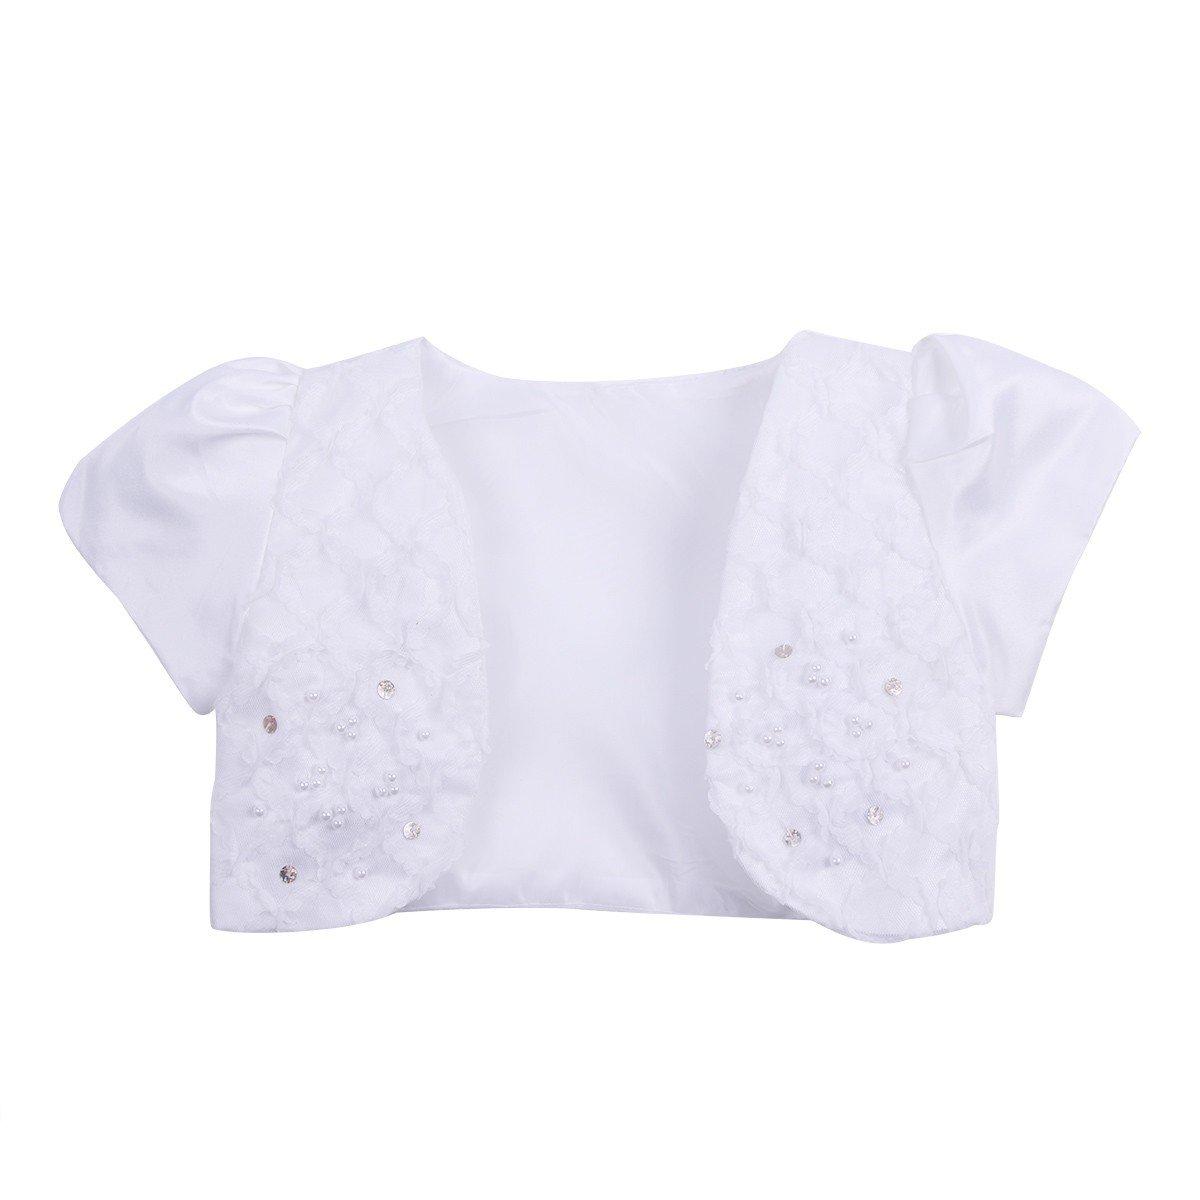 TiaoBug Girls Satin Lace Short Jacket Shrug Cardigan Shirt Dress Cover White 2-3